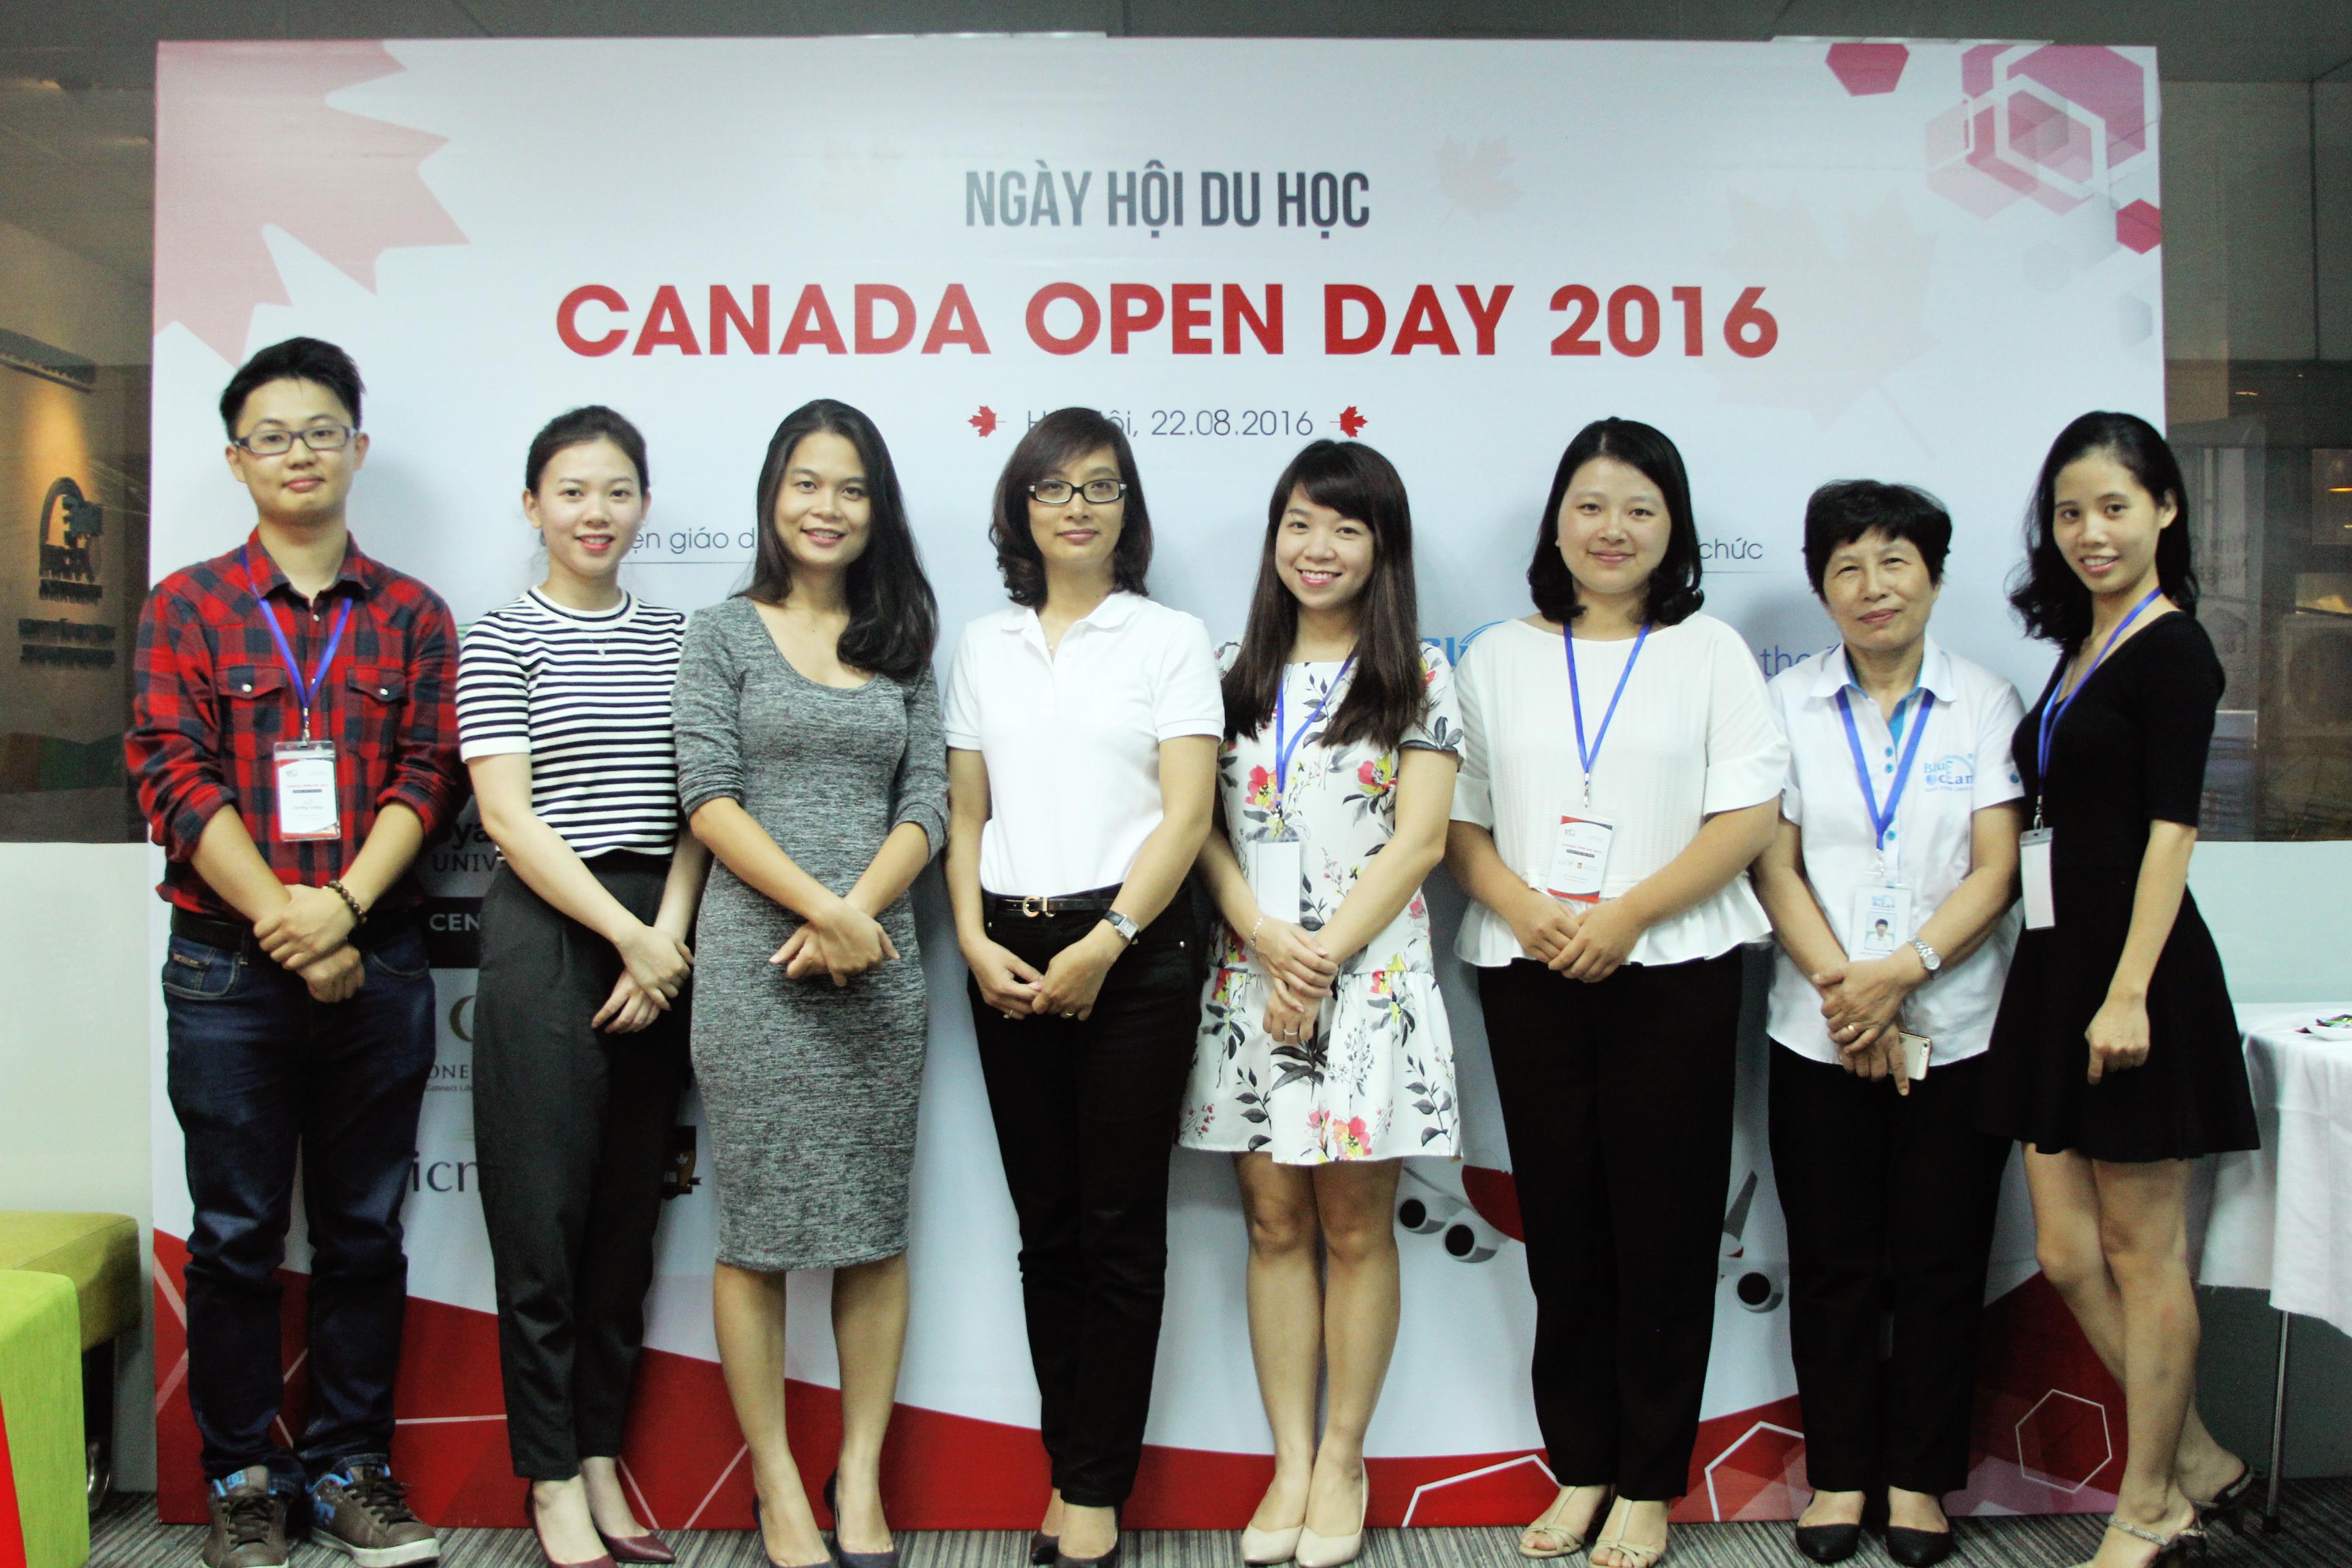 Canada Open Day 2016 - Ngày hội của những đam mê